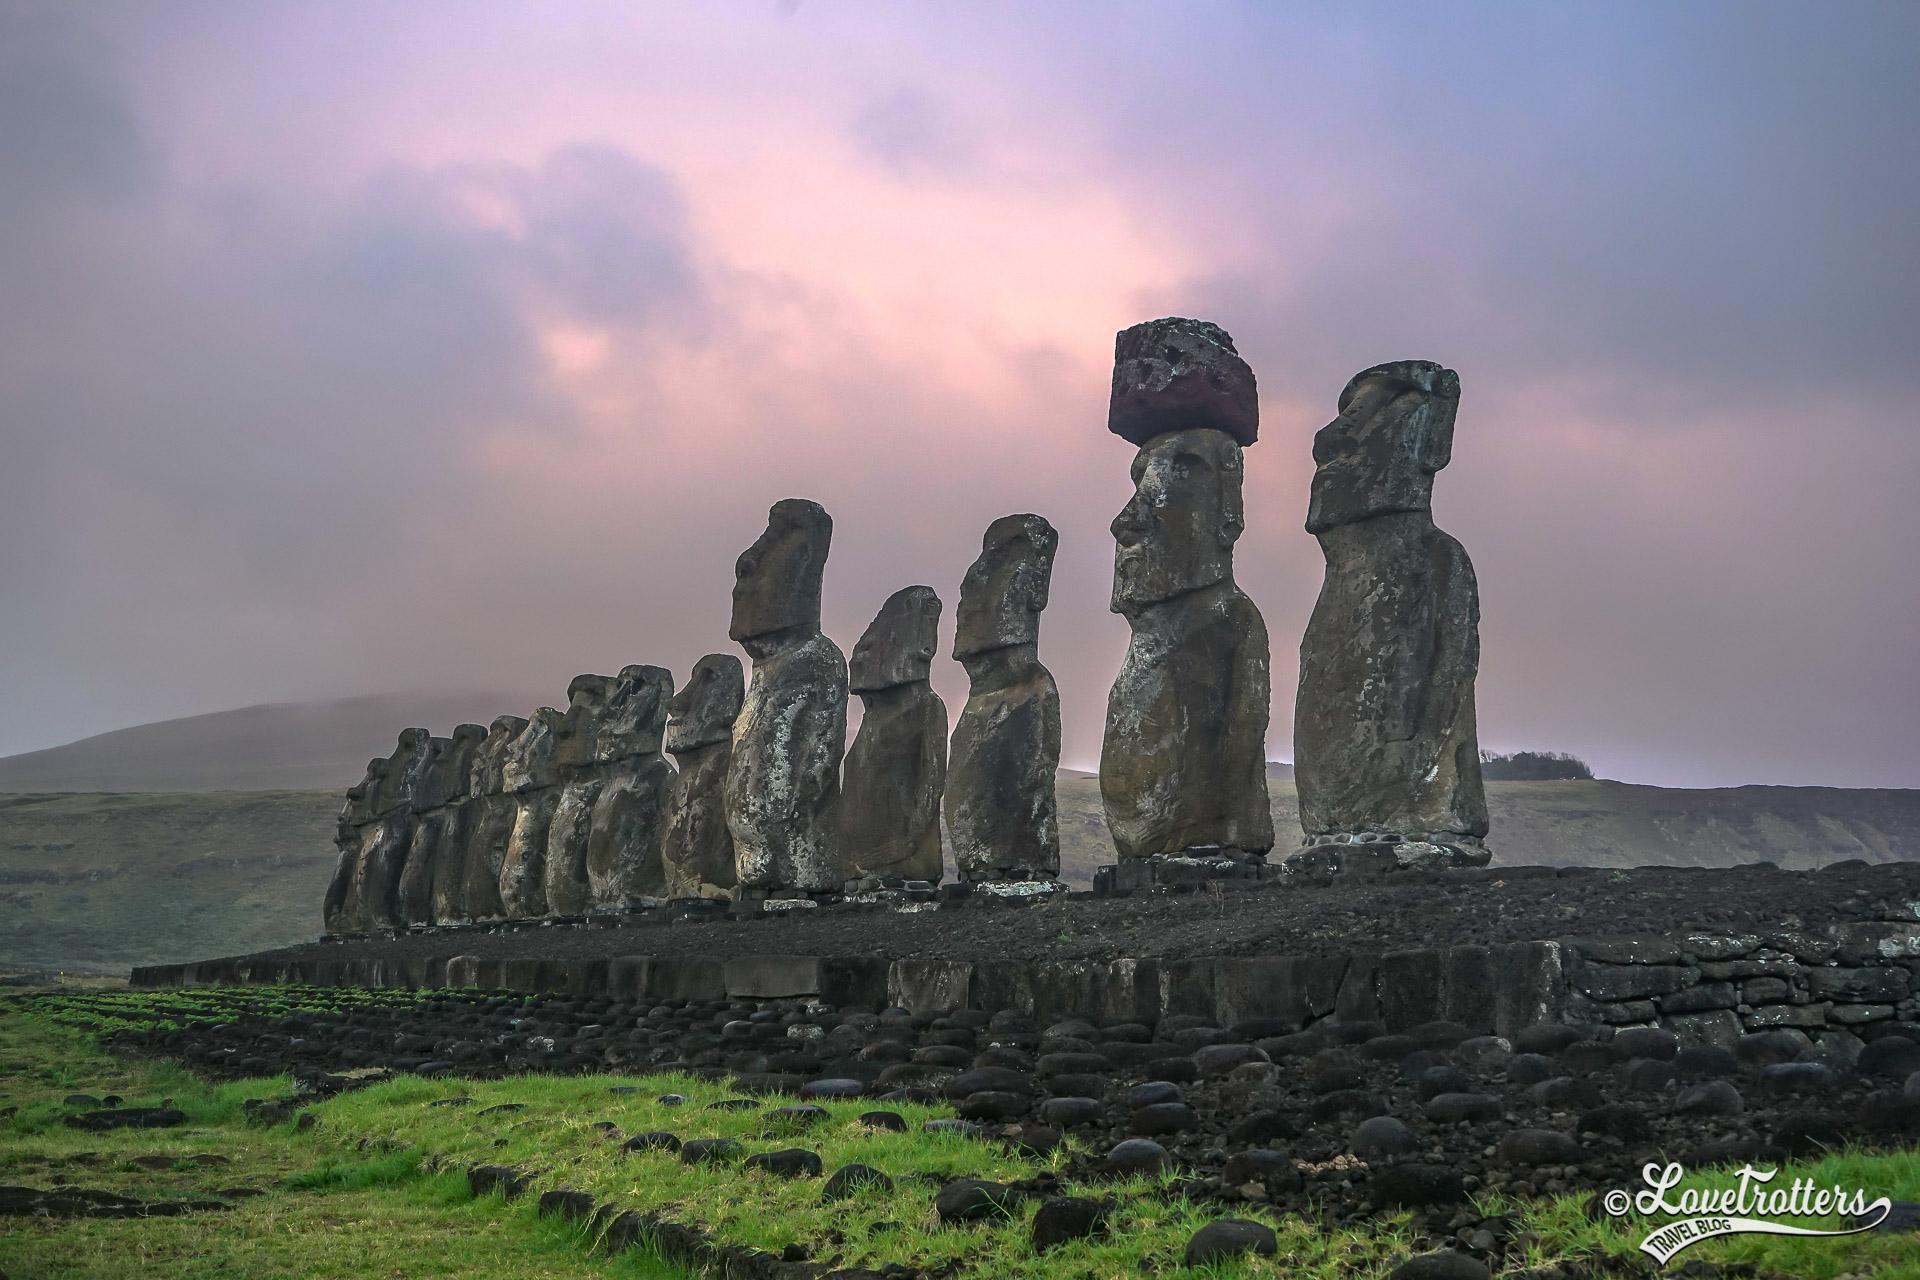 voyage autour du monde arrêt sur l'île de Pâques